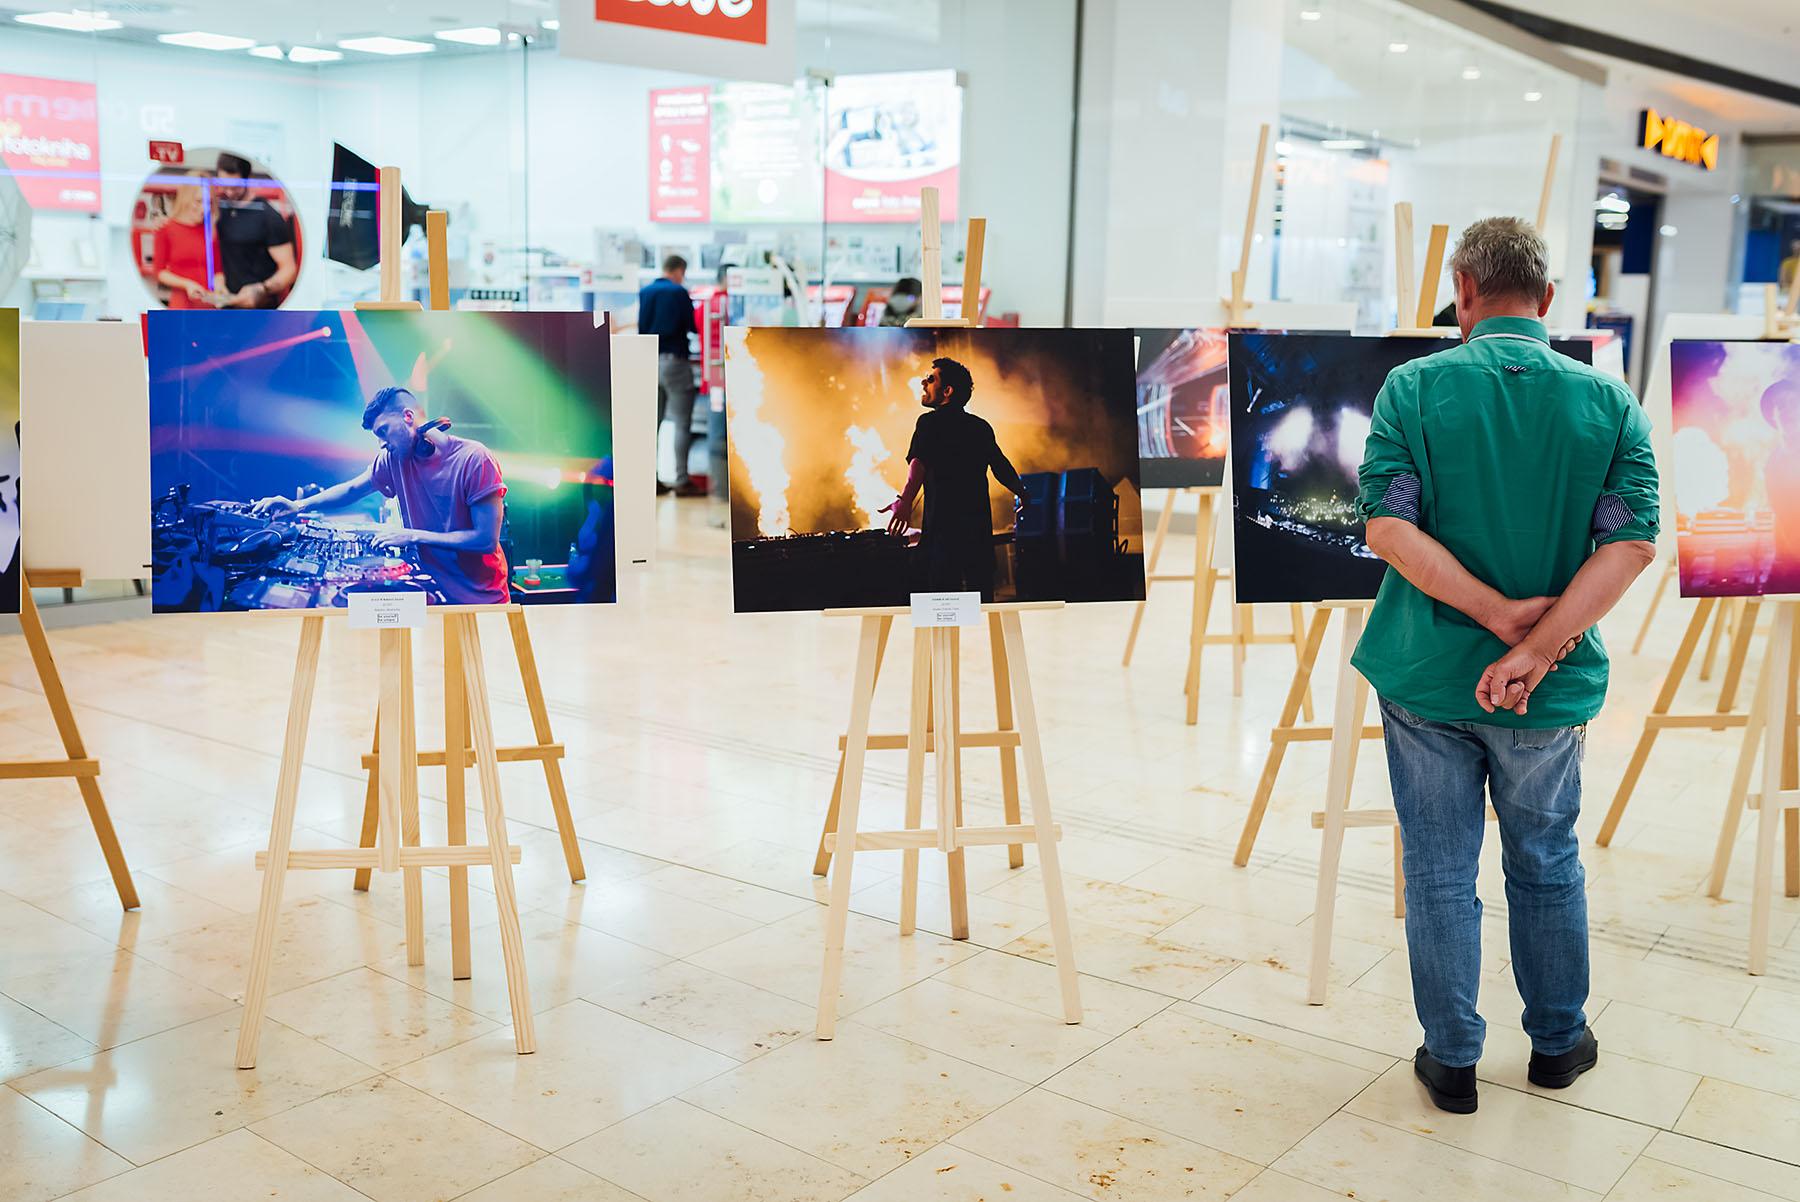 Fotografovanie vernisáže fotiek Pavla Kunu - vernisáž, eurovea, bratislava - eventovy fotograf